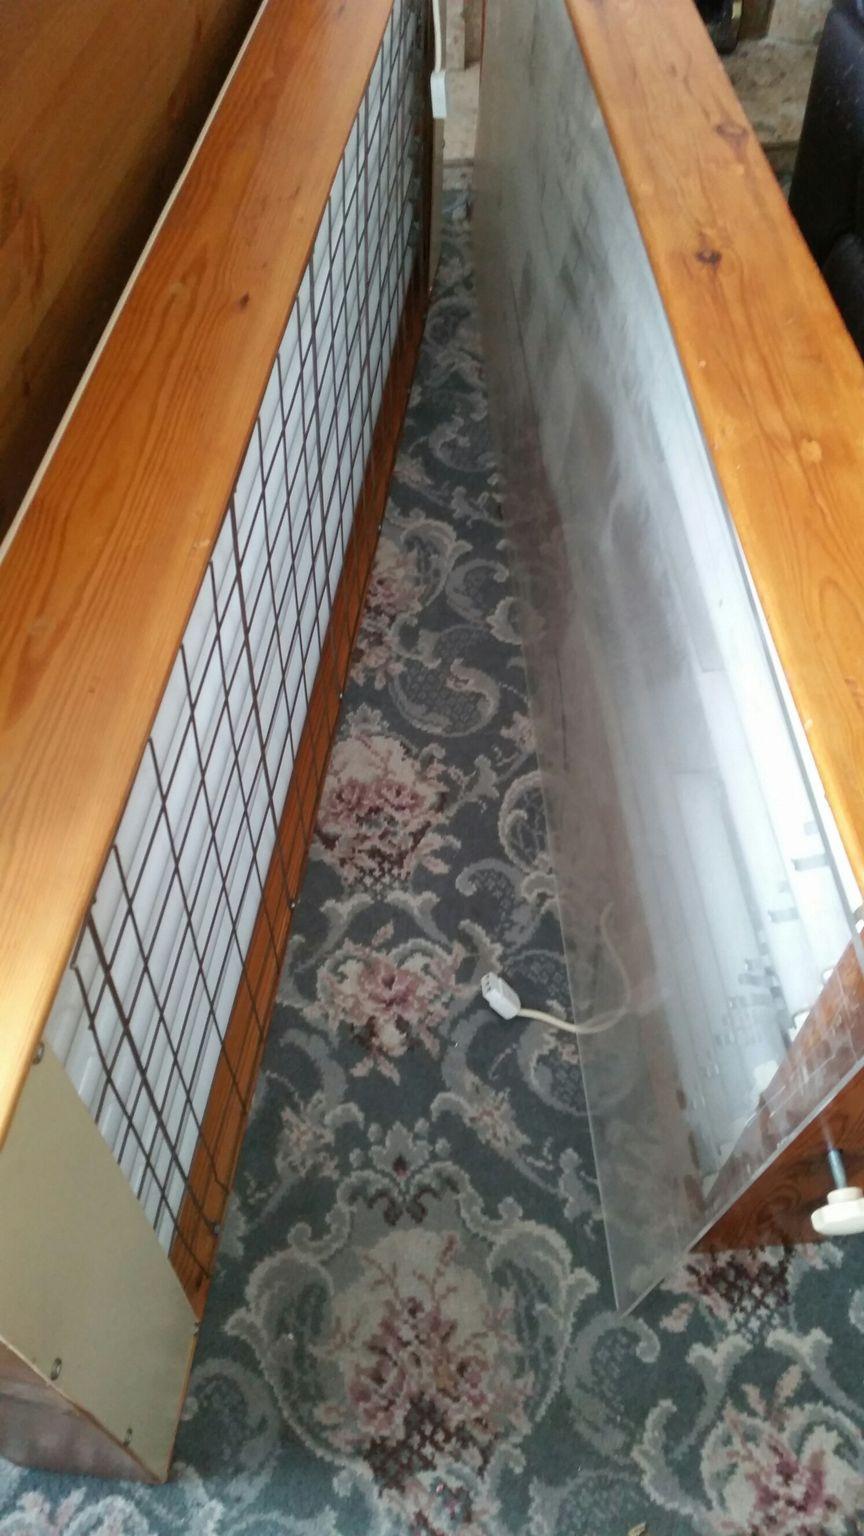 Hardwood Floor Refinishing Falmouth Ma Of Https En Shpock Com I Wwtv4ffijzfkcmjr 2017 07 15t000720 Regarding Sunbed 3590d4de